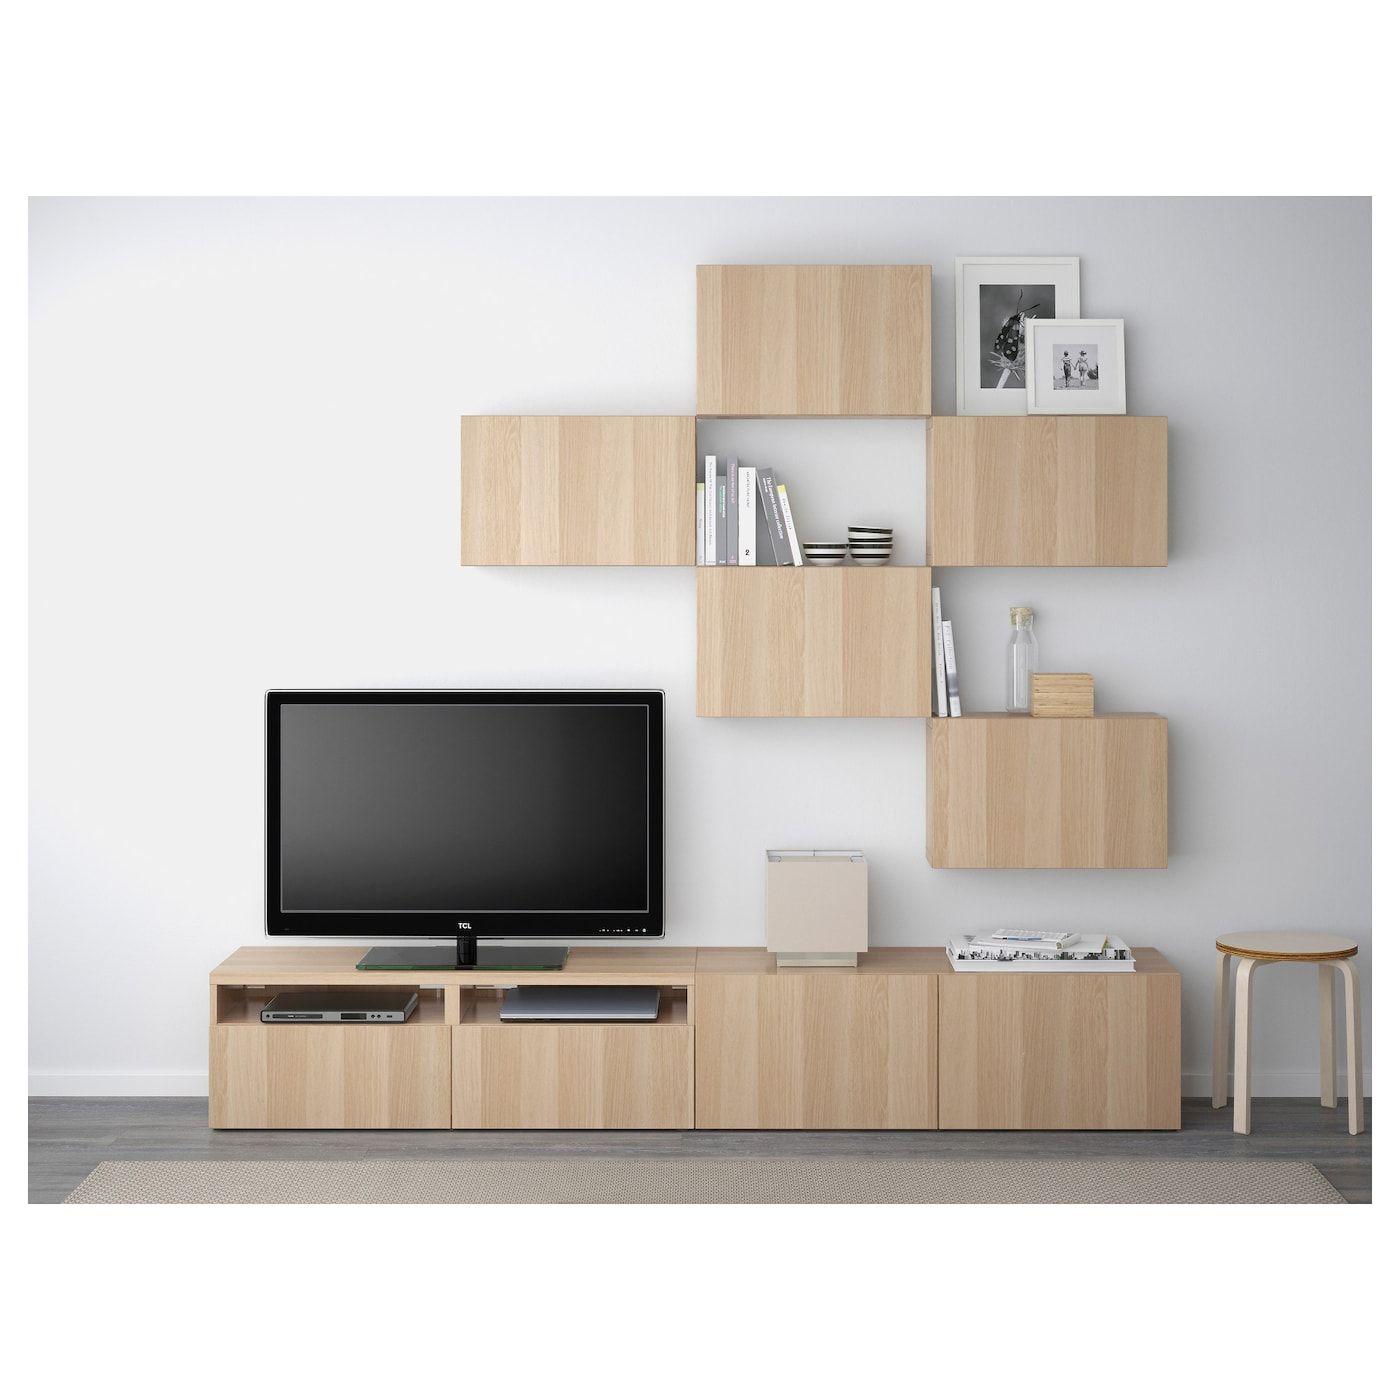 Besta Tv Mobel Kombination Lappviken Eicheneff Wlas Ikea Osterreich Tv Mobel Wohnzimmer Tv Und Wohnen Und Leben